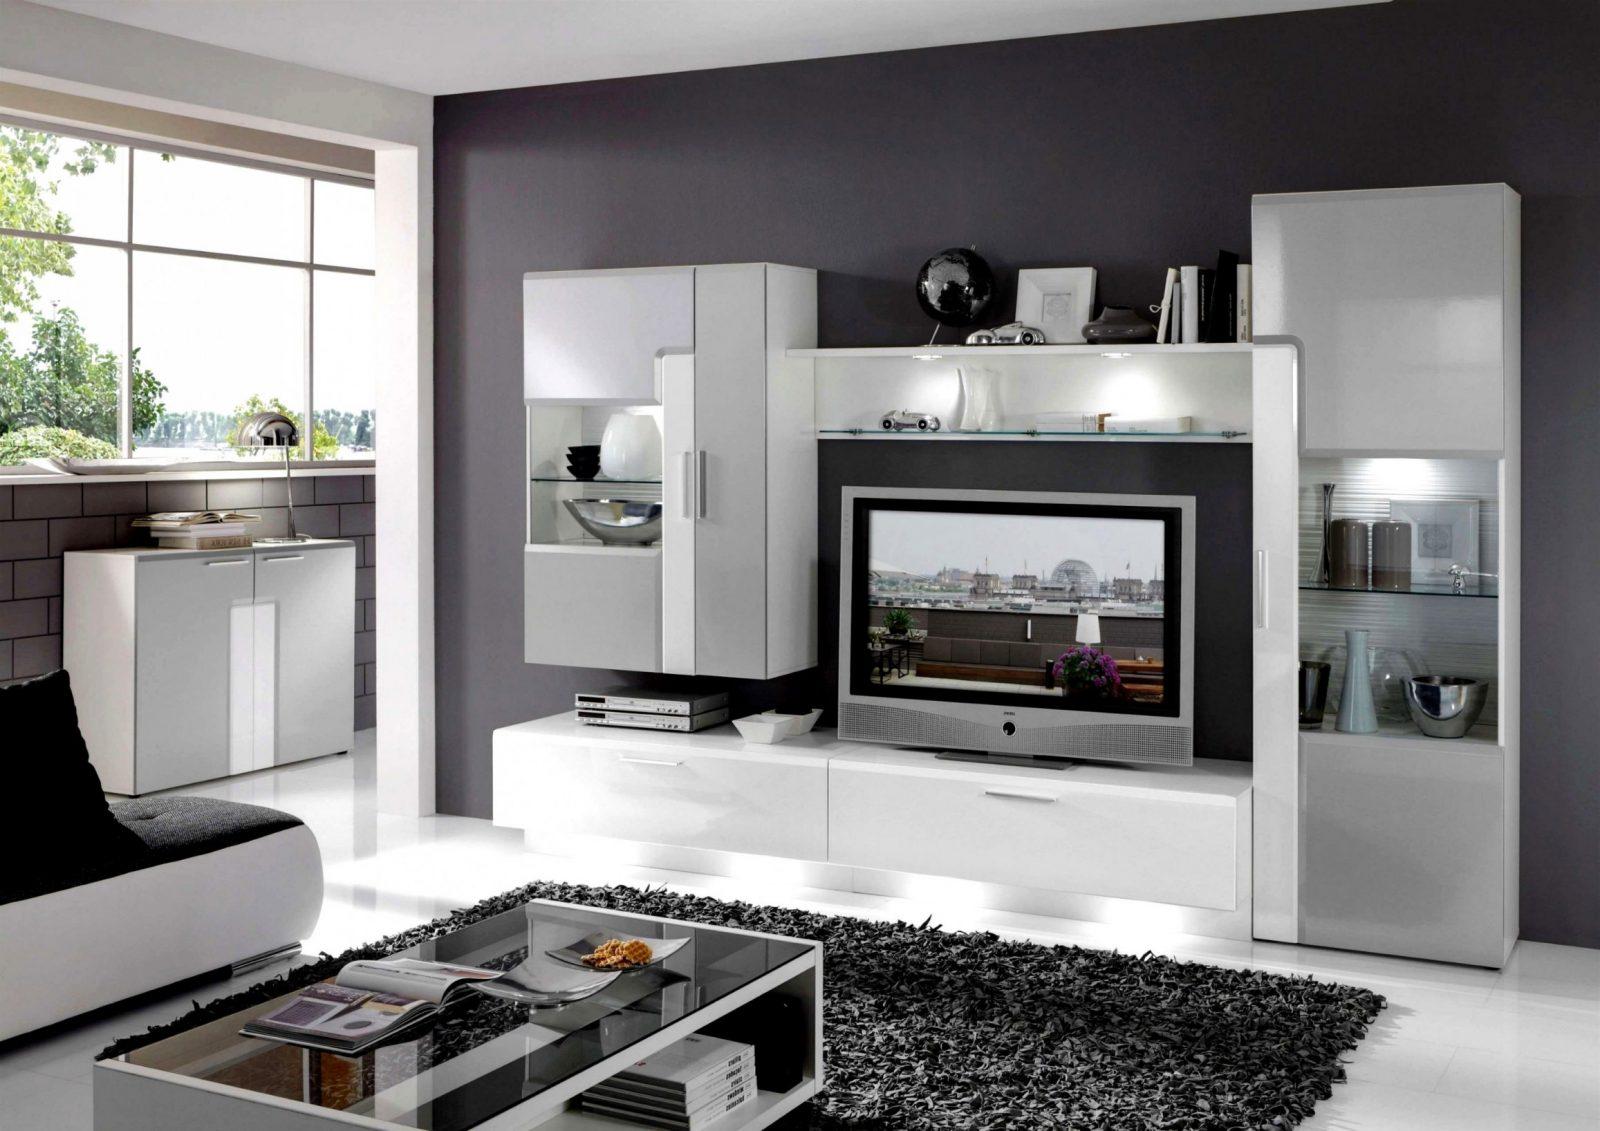 Tv Kabel Wand Verstecken Branché Fernseher An Wand Innerhalb Cool von Fernseher Im Wohnzimmer Verstecken Photo